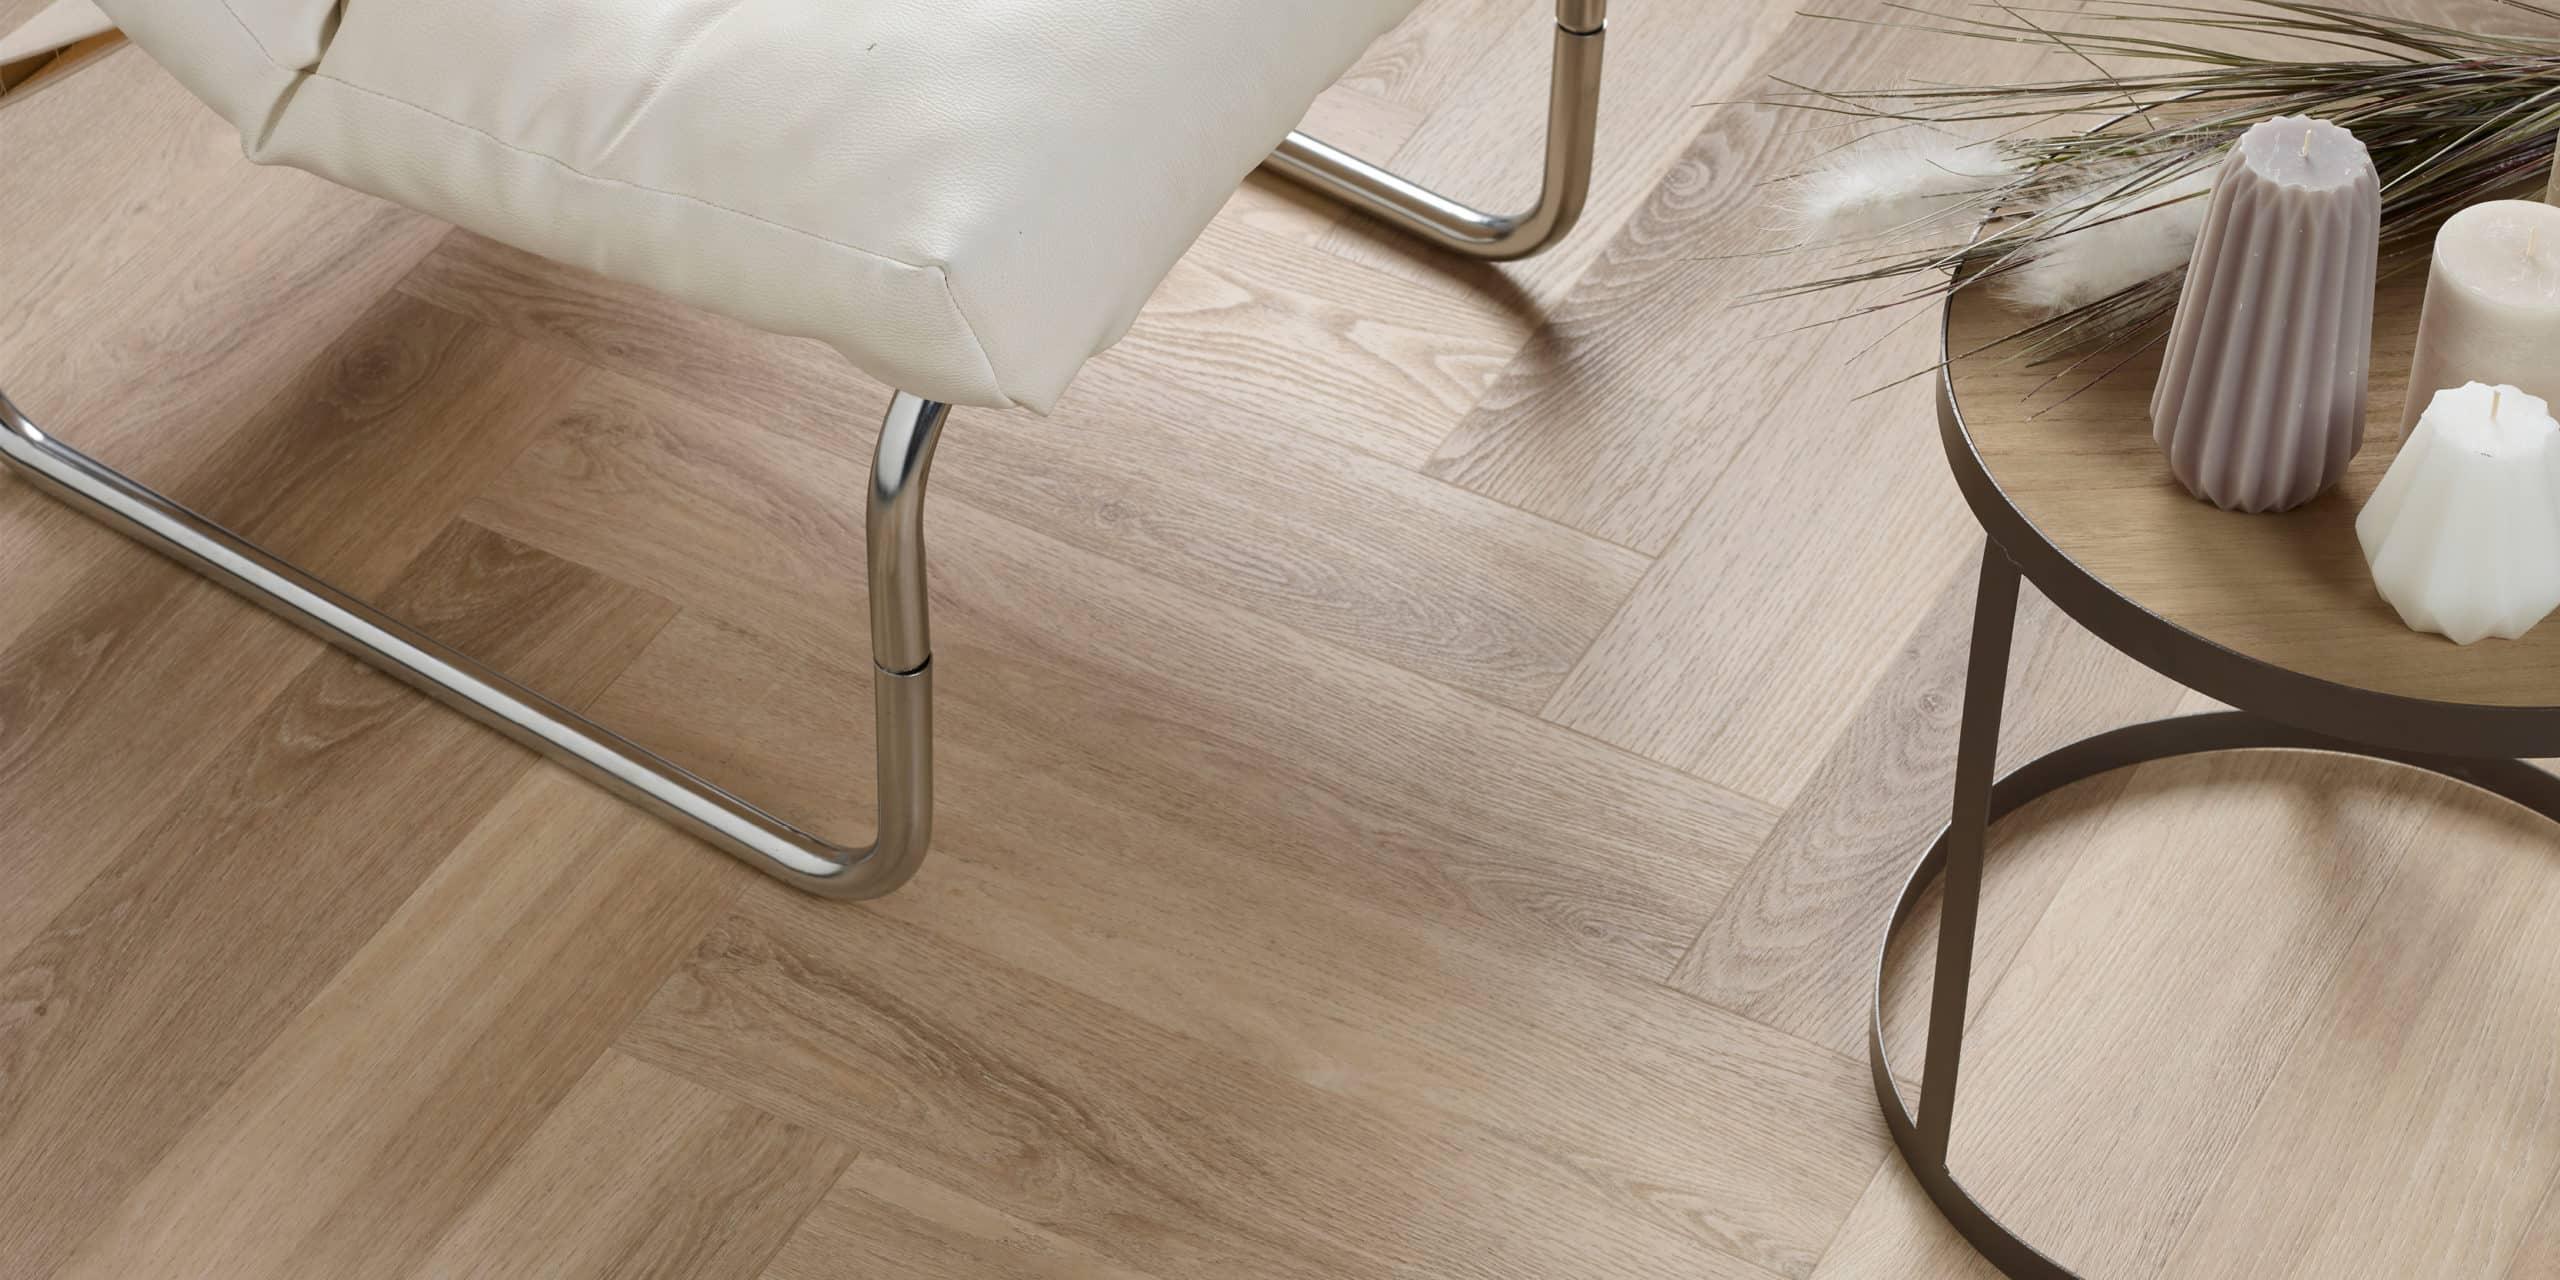 Goedkoopste visgraat vloeren